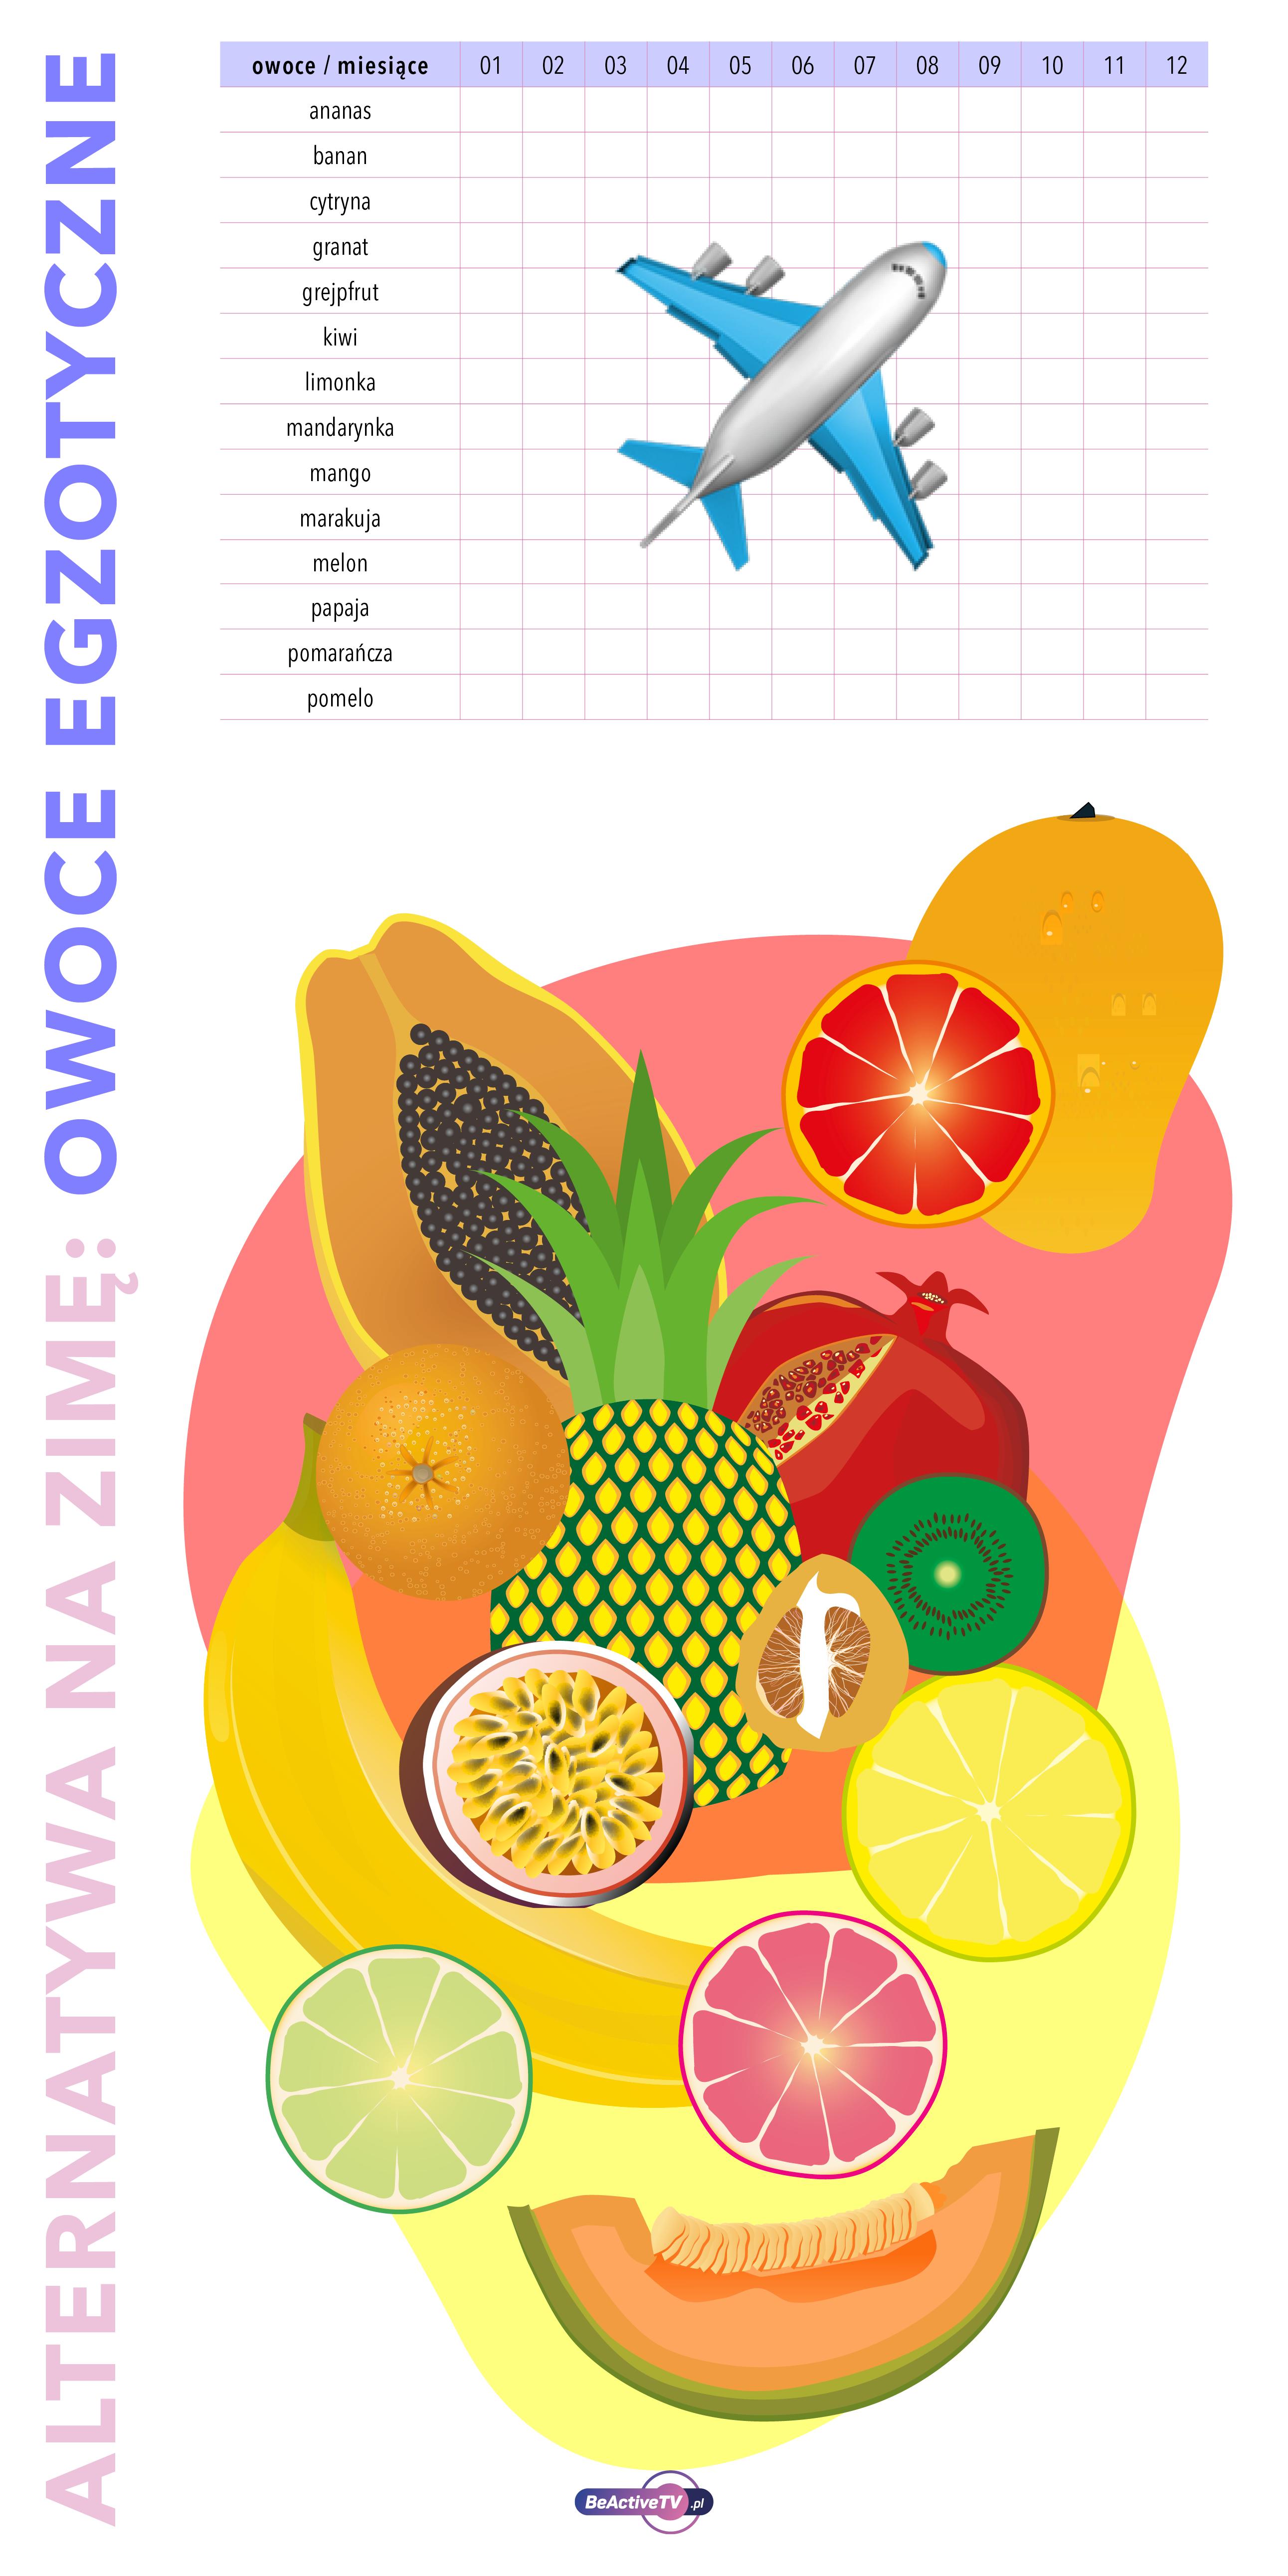 importowane owoce i warzywa